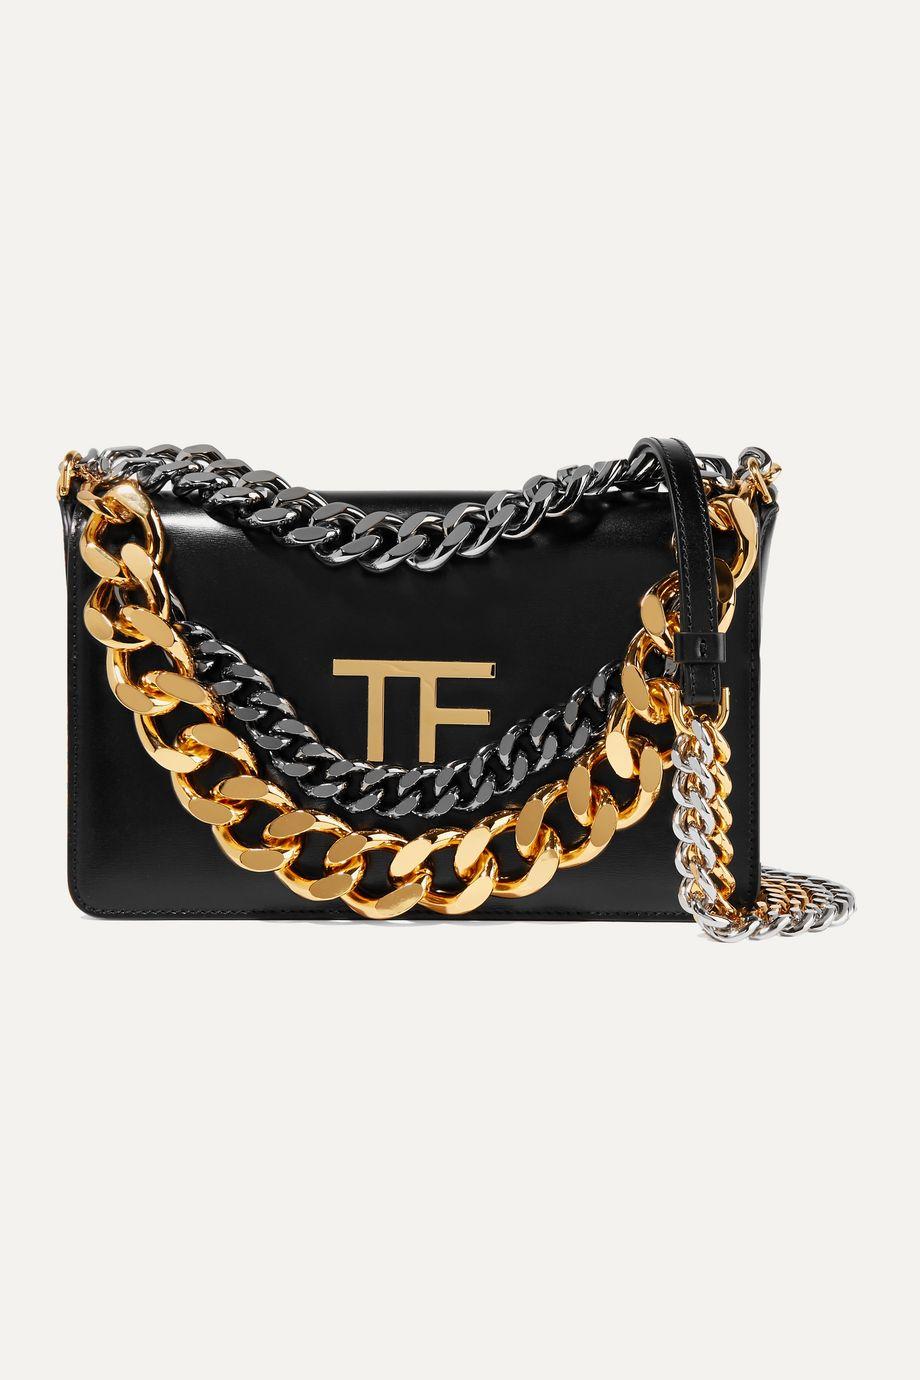 TOM FORD Triple Chain embellished leather shoulder bag